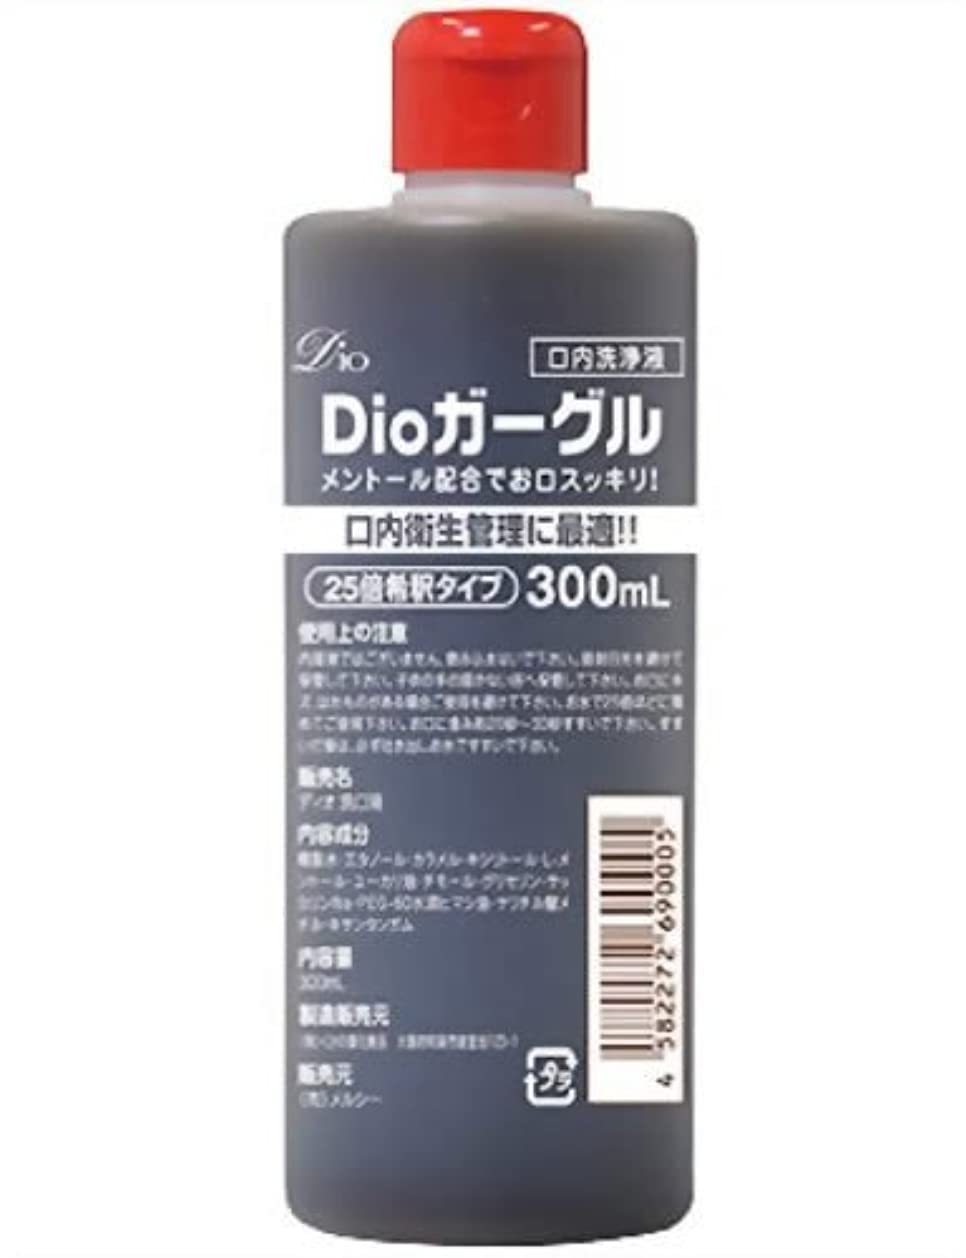 姉妹安心ウール【業務用】 Dioガーグル 300ml